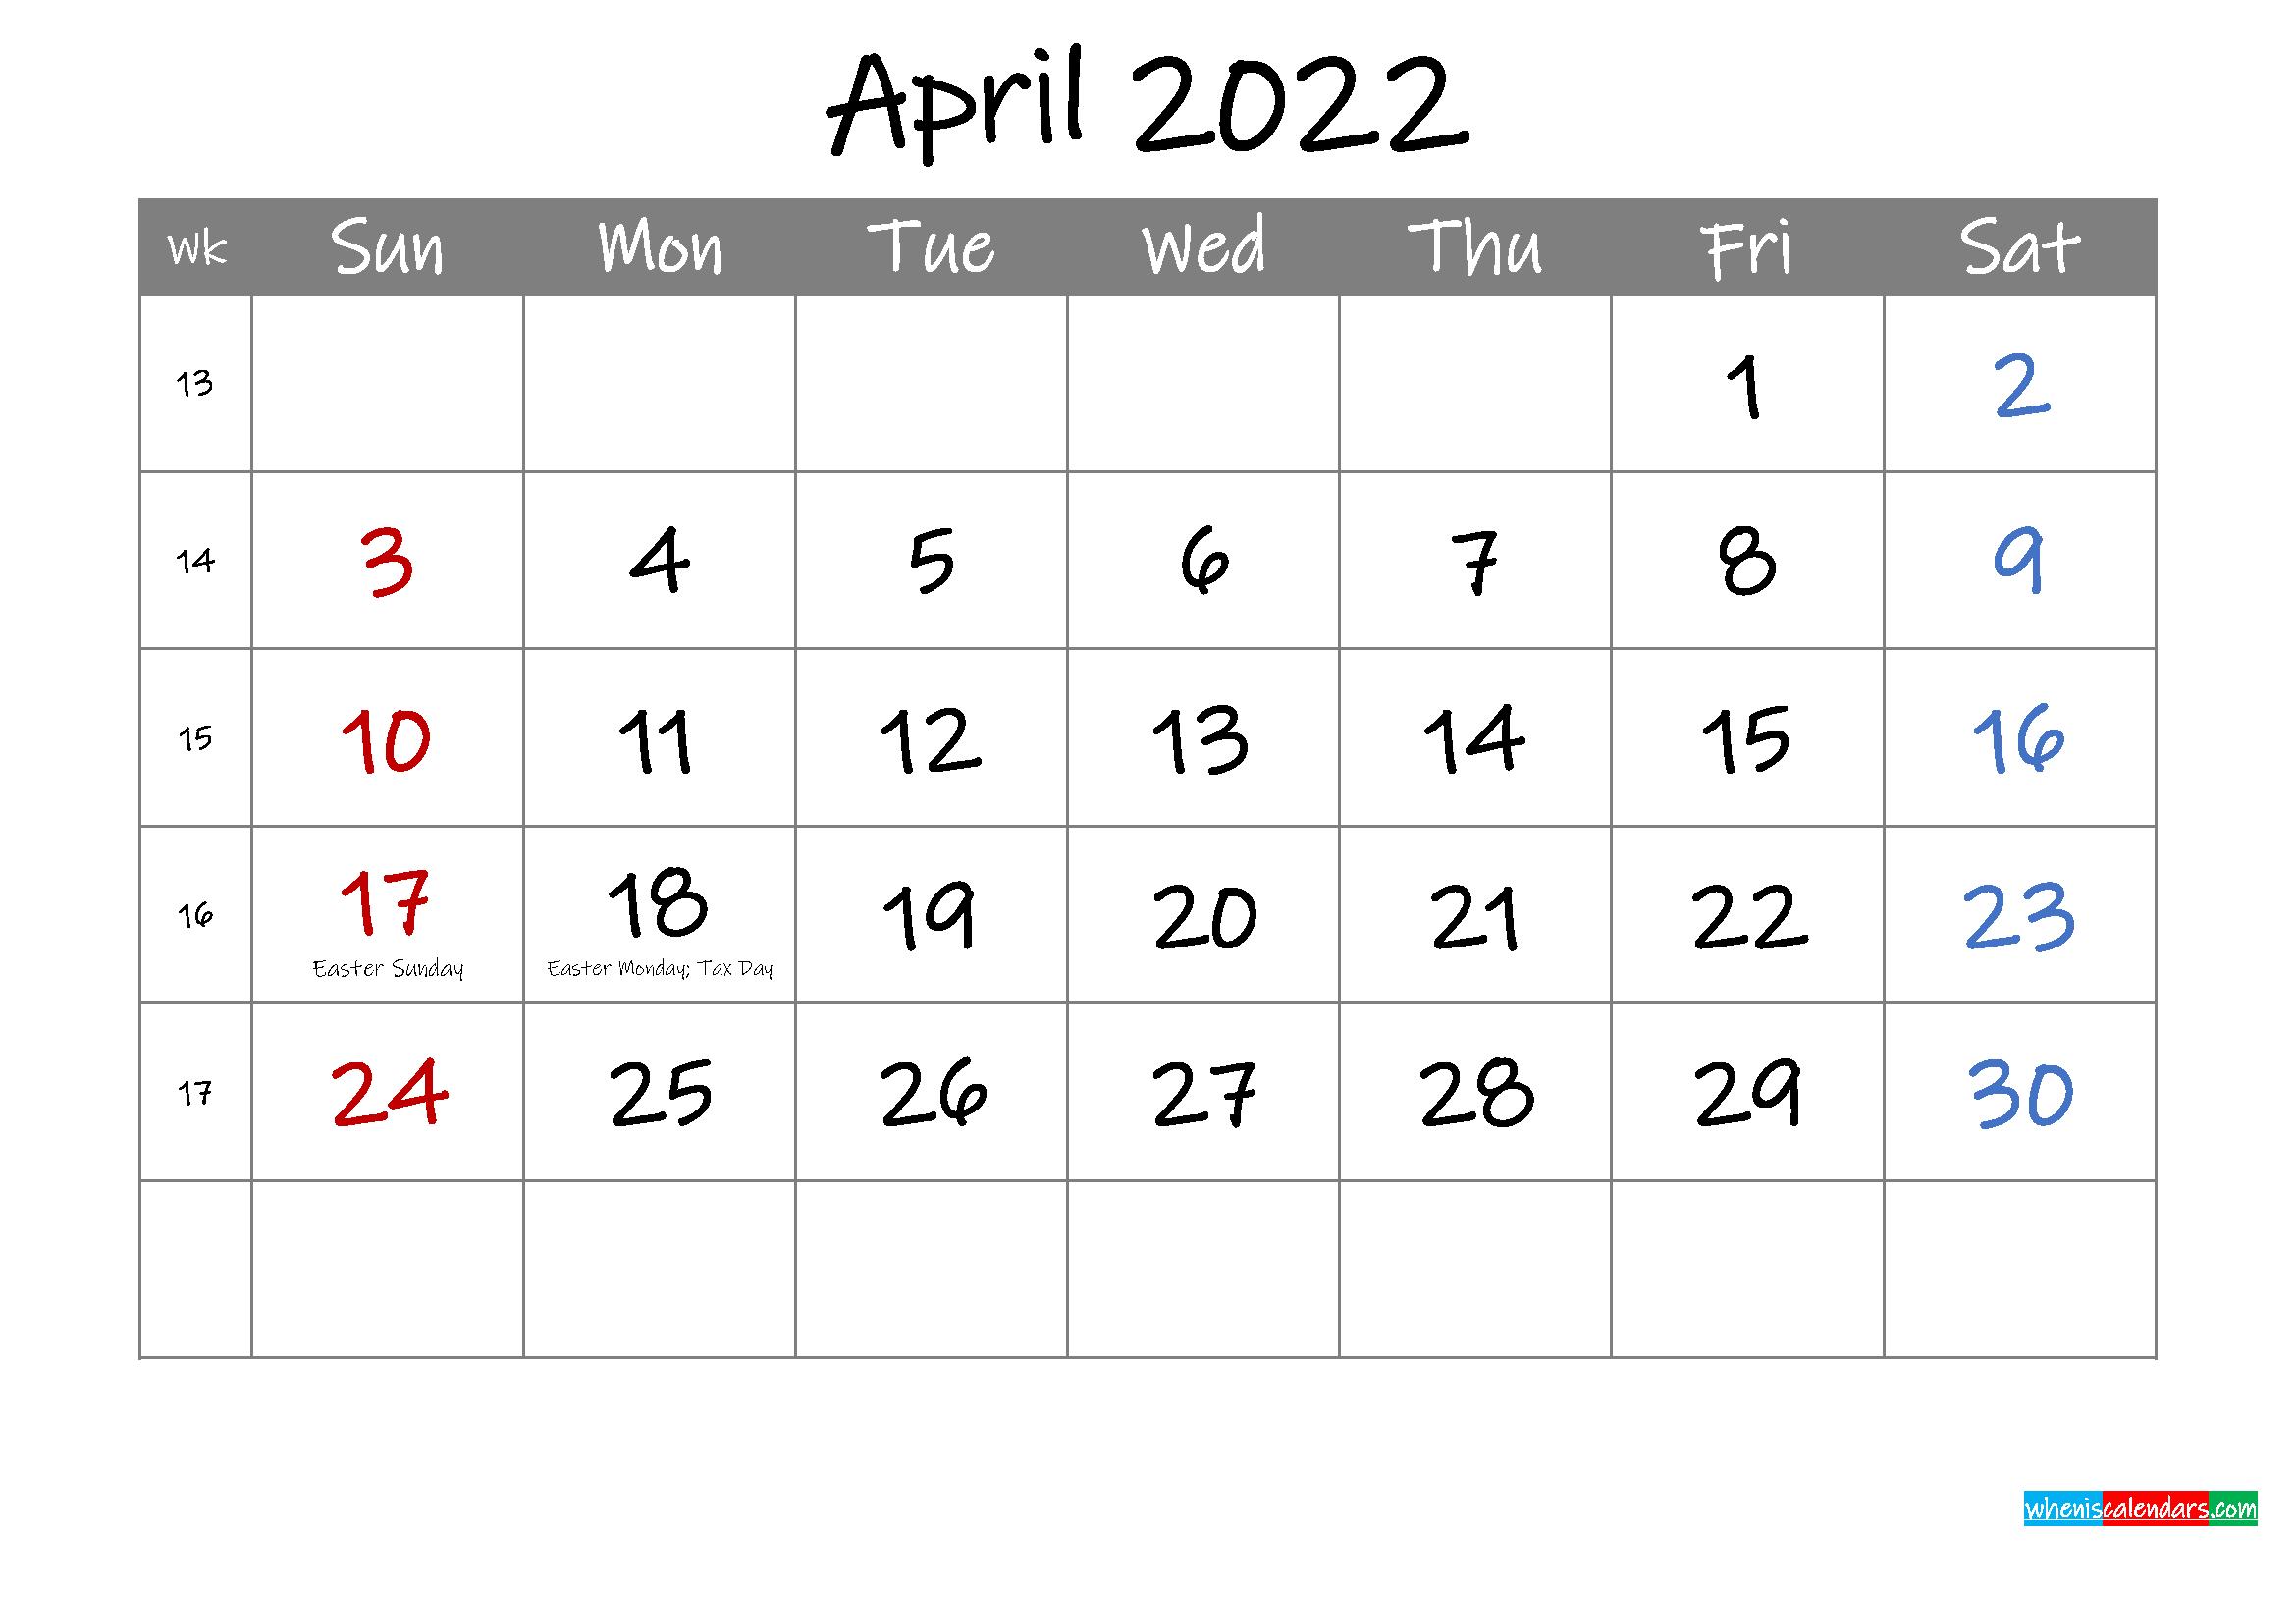 Editable April 2022 Calendar with Holidays